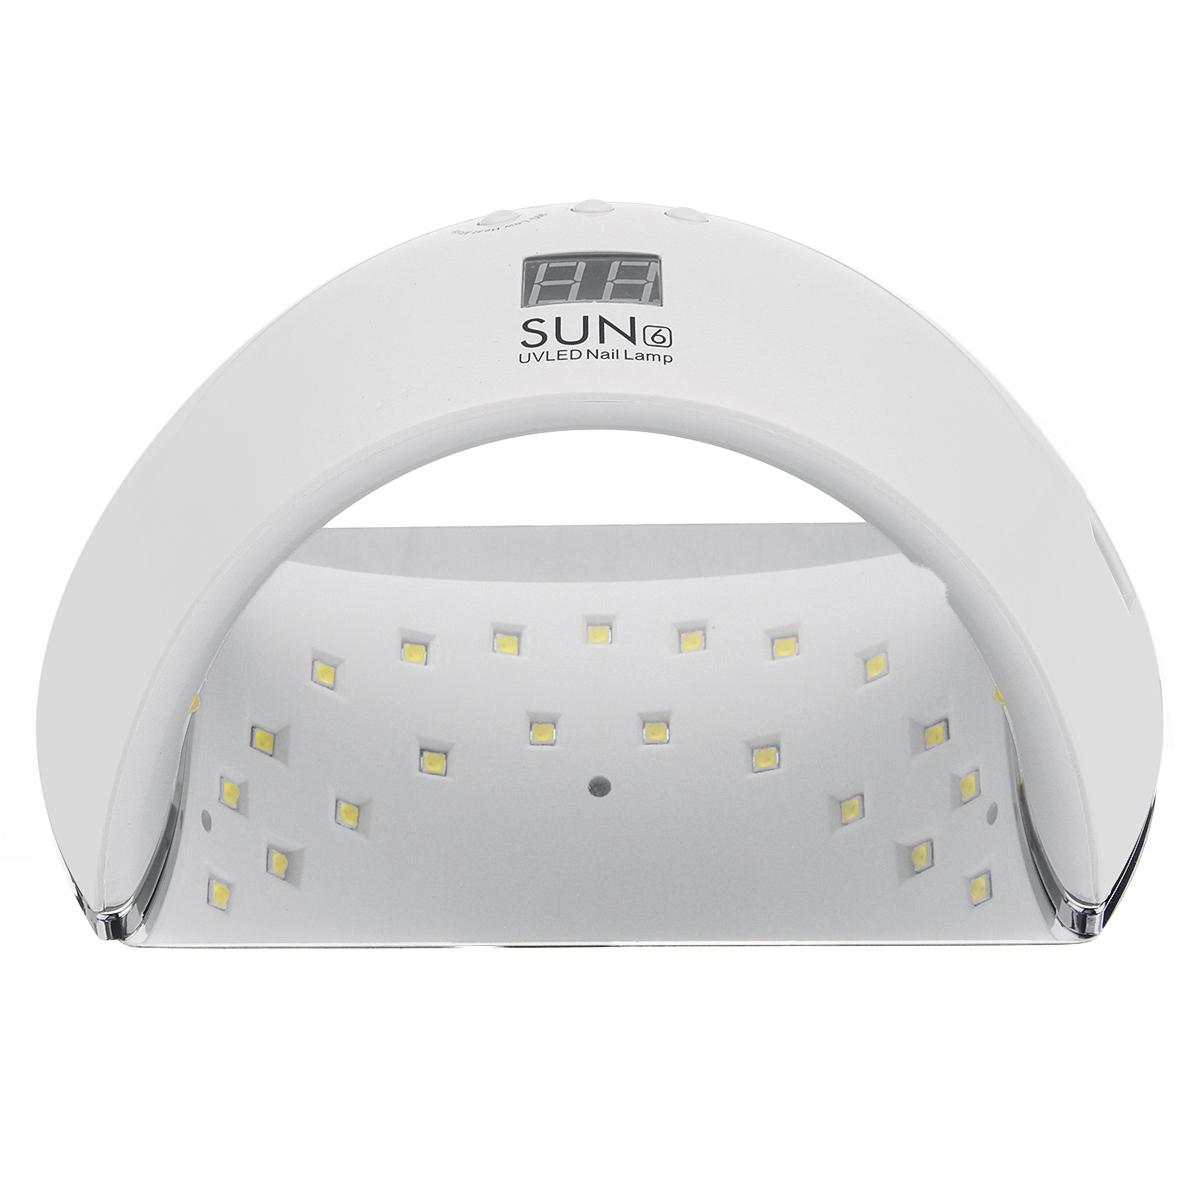 Лампа для маникюра SUN 6 48W Smart 2.0 с дисплеем led - фото e9f057d2-7e1e-4e5a-b6f6-7337ffec5bac.JPG